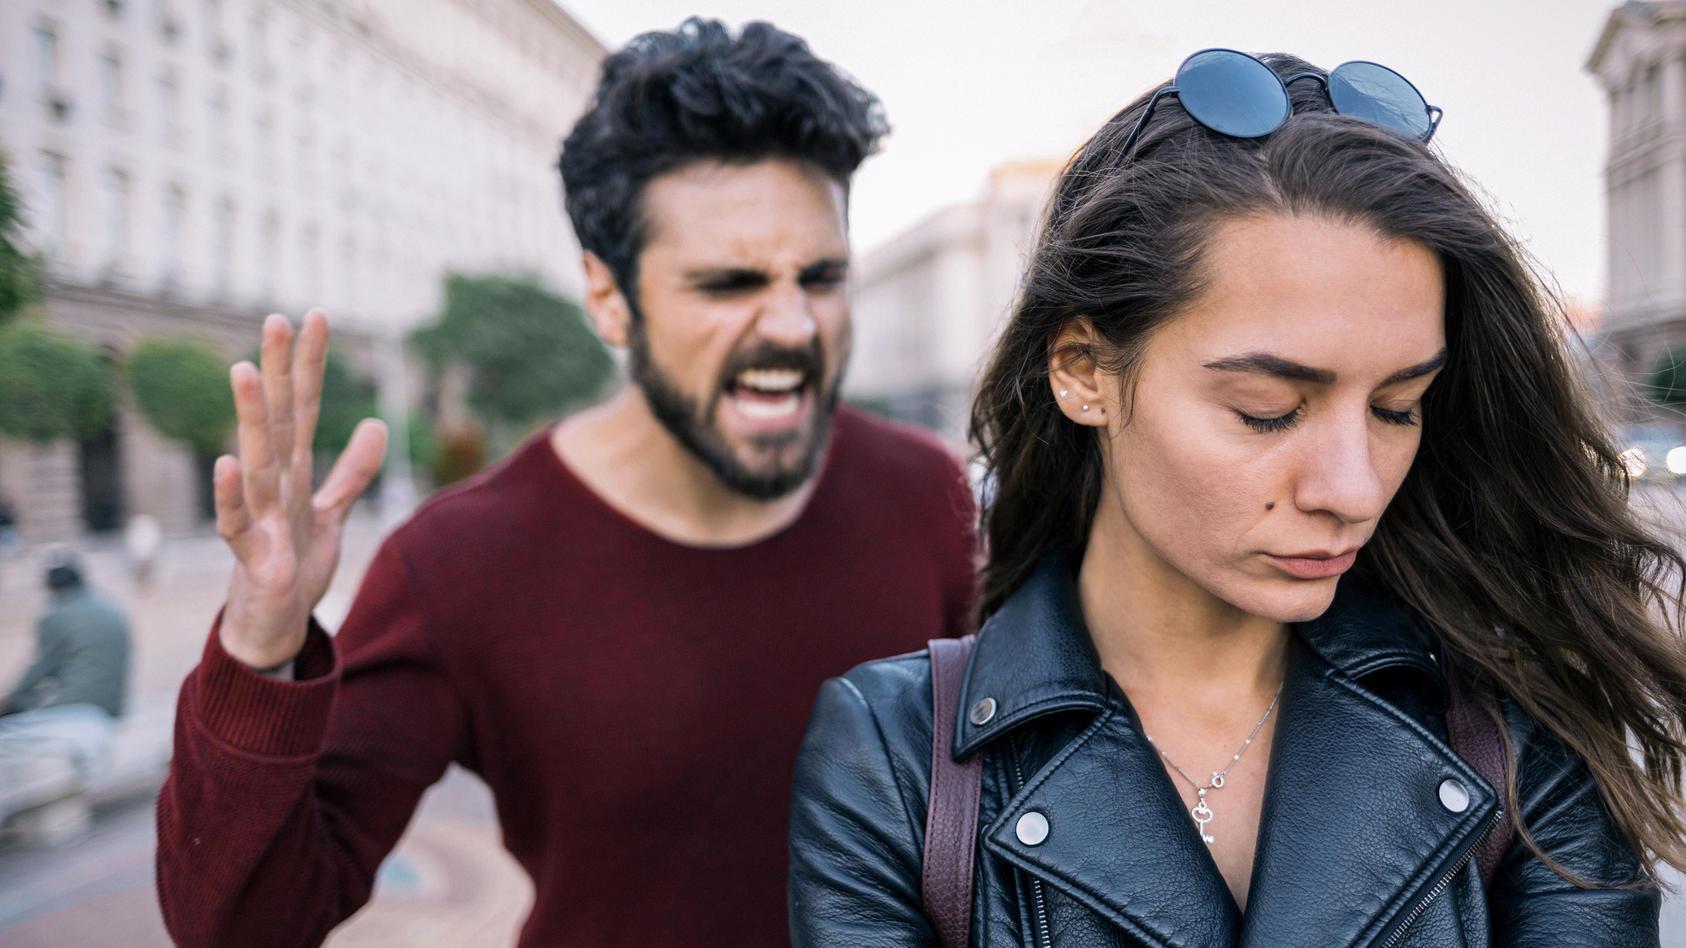 Oft ist die Rede von toxischen Beziehungen. Aber bin ich vielleicht sogar der toxische Part?